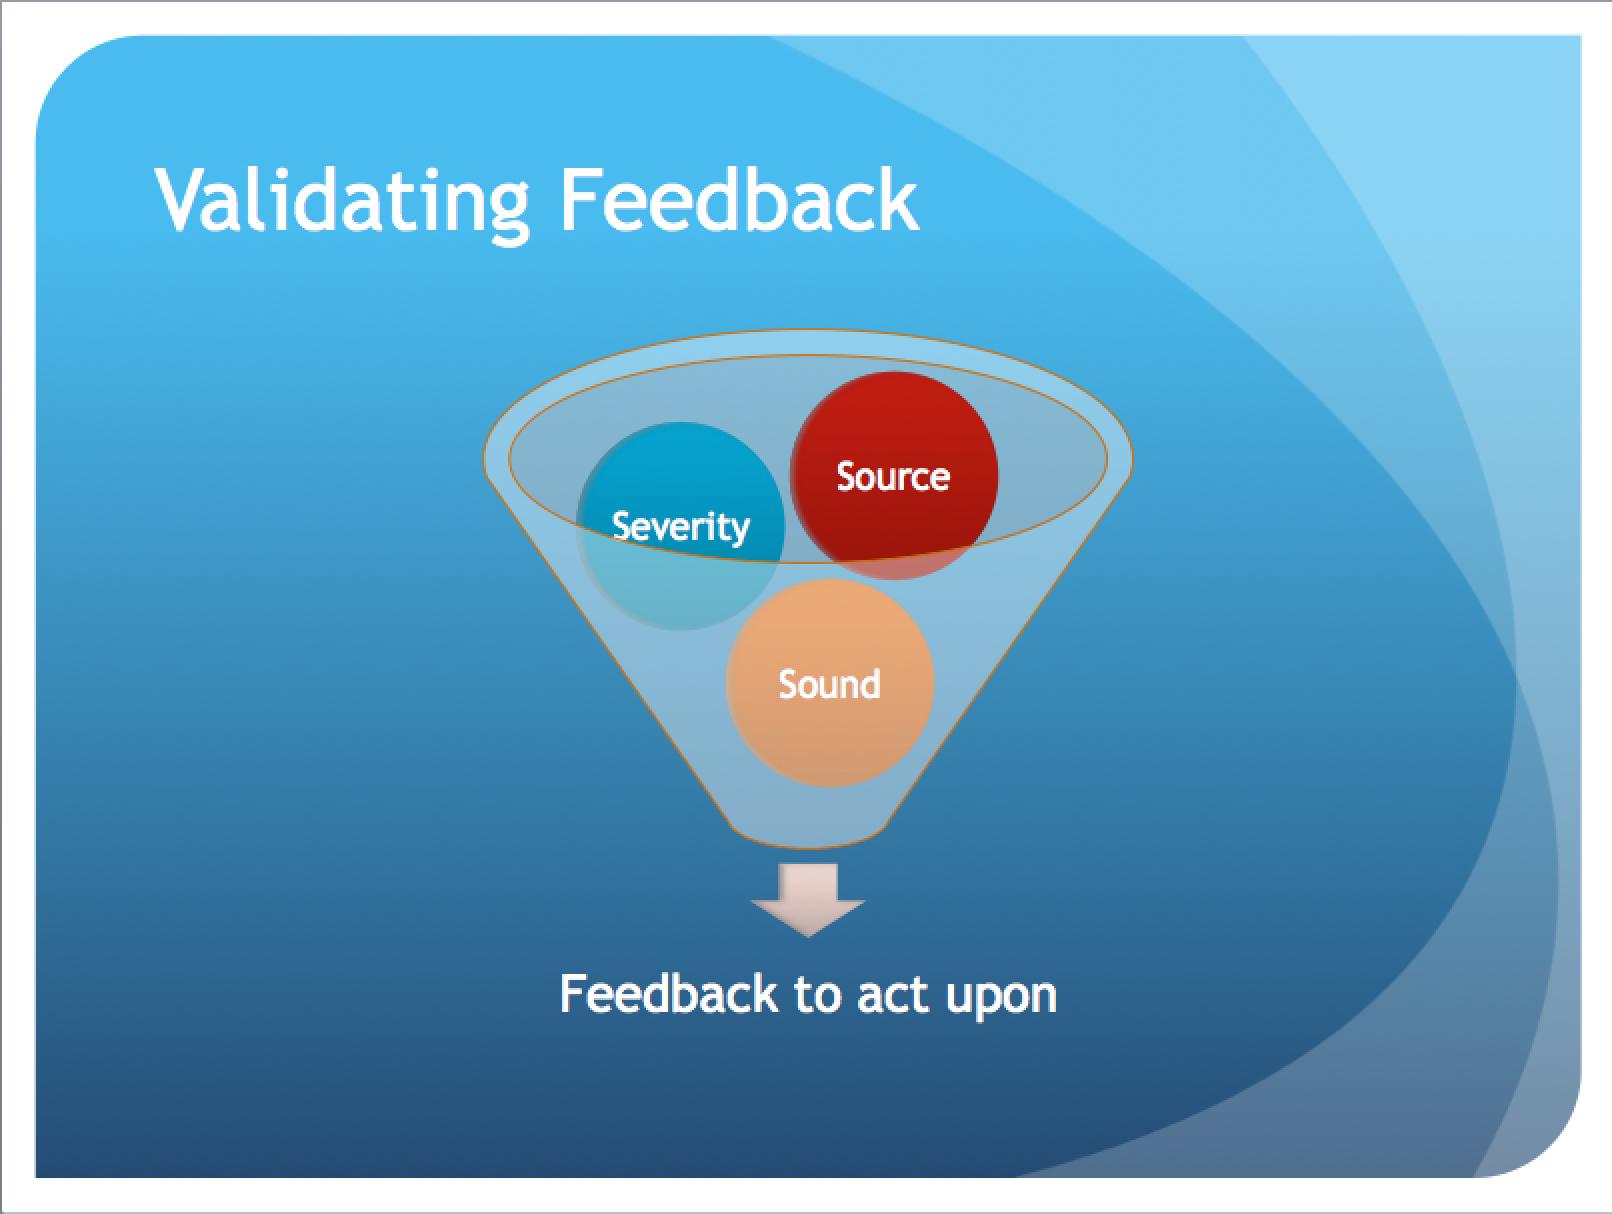 Validating Feedback